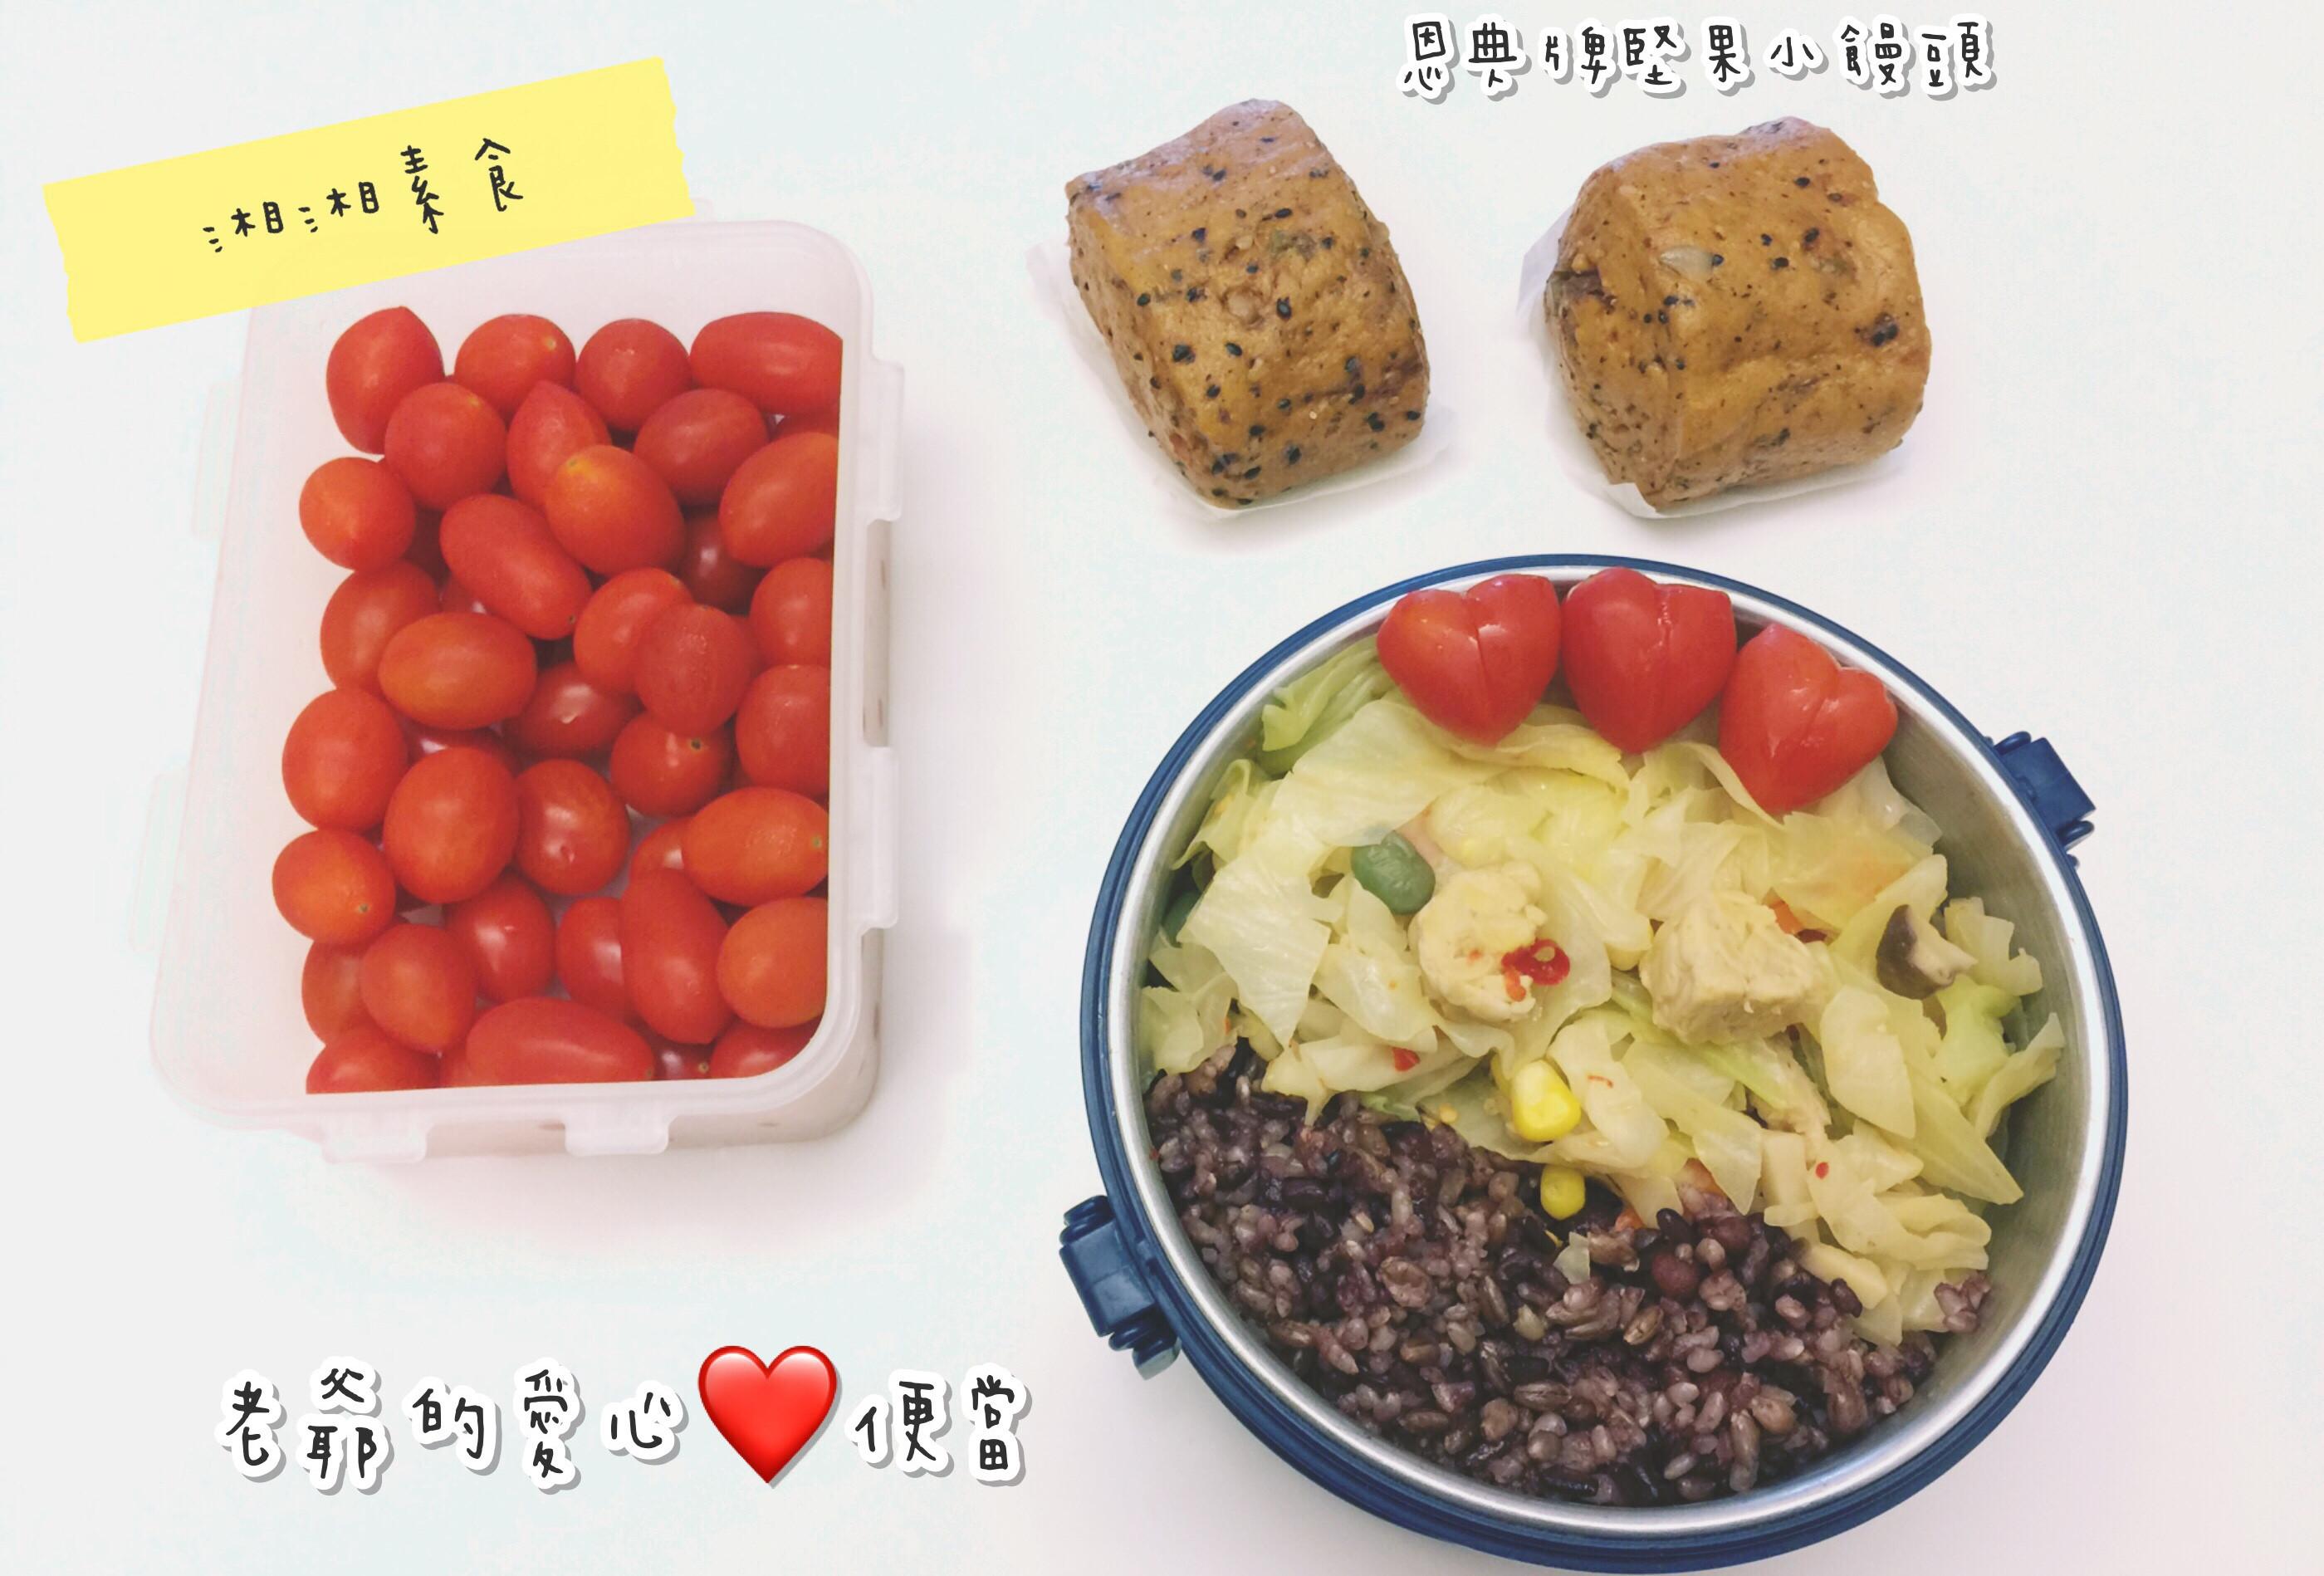 湘湘創意素食料理 的個人封面